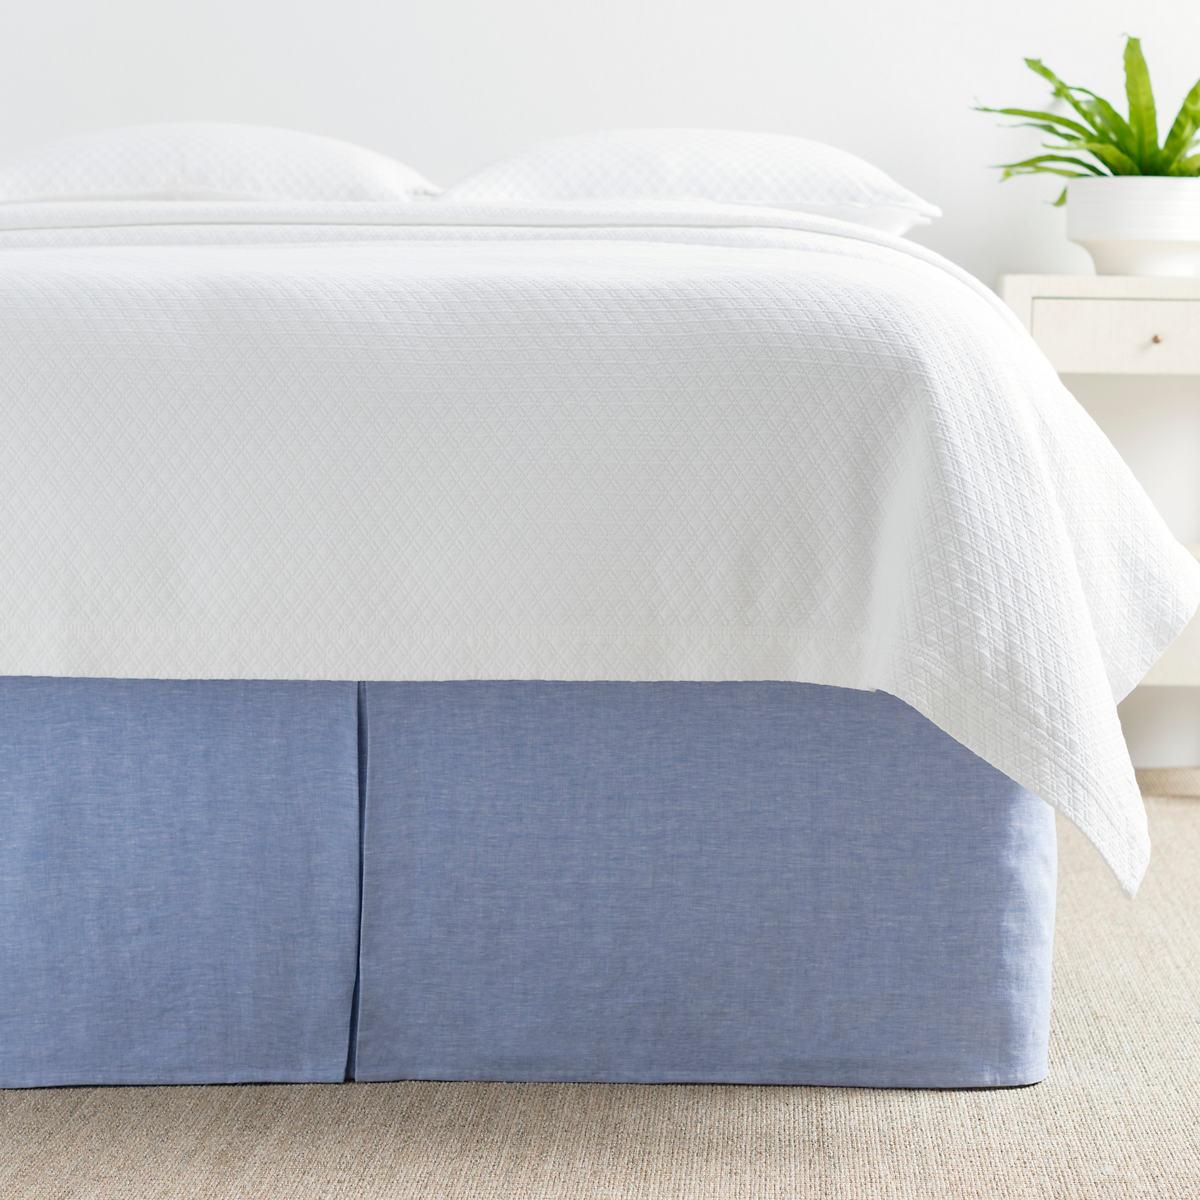 Lush Linen French Blue Bed Skirt